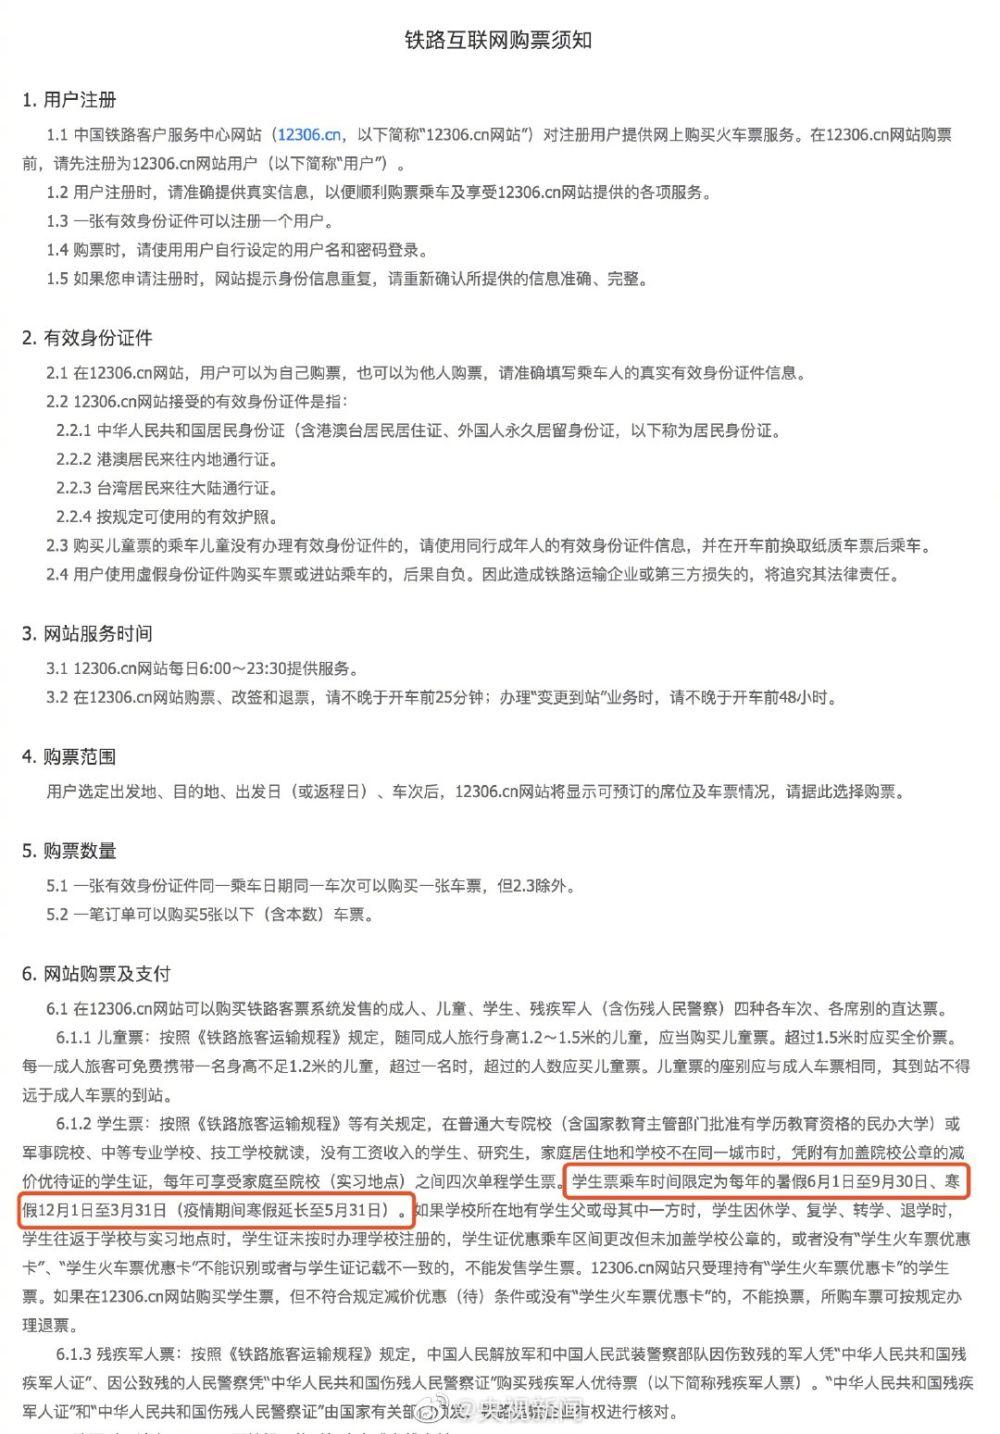 中国铁路:疫情期间寒假学生票延长至5月31日